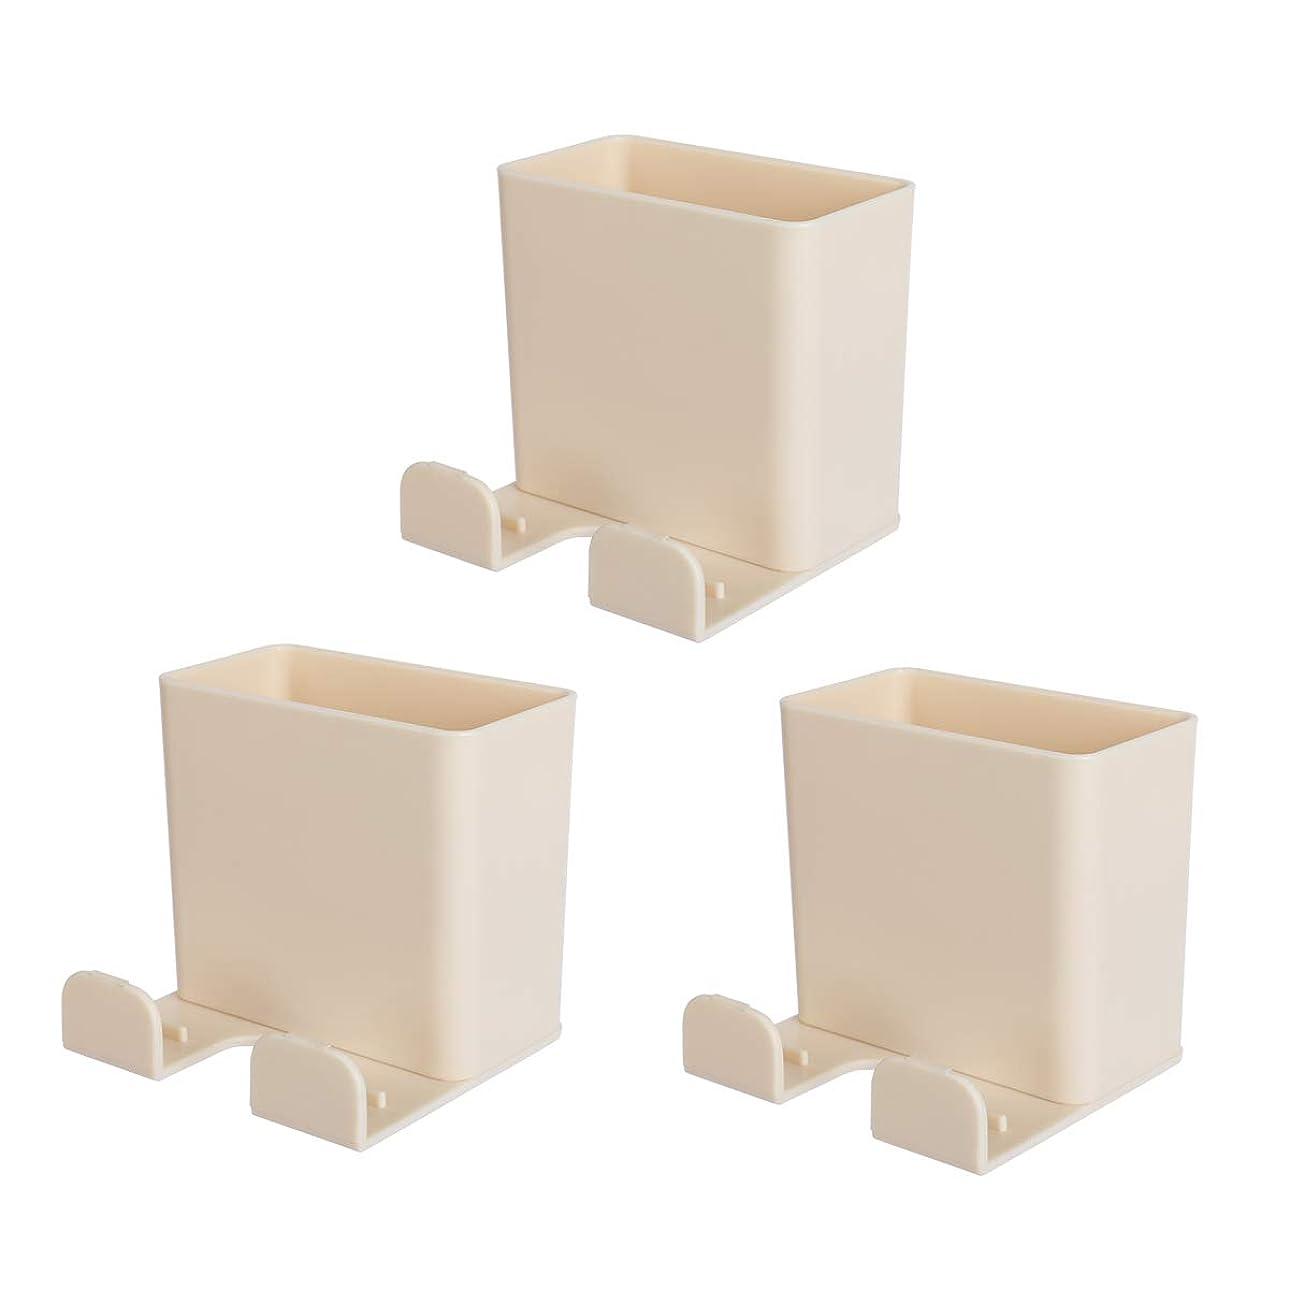 ラベル何故なのほこりLANMU 壁掛けリモコンホルダー リモコンラック リモコンスタンド 3個 ベージュ 収納整理小物ボックス 簡単に貼り付け スマートフォン/モバイルパワー充電